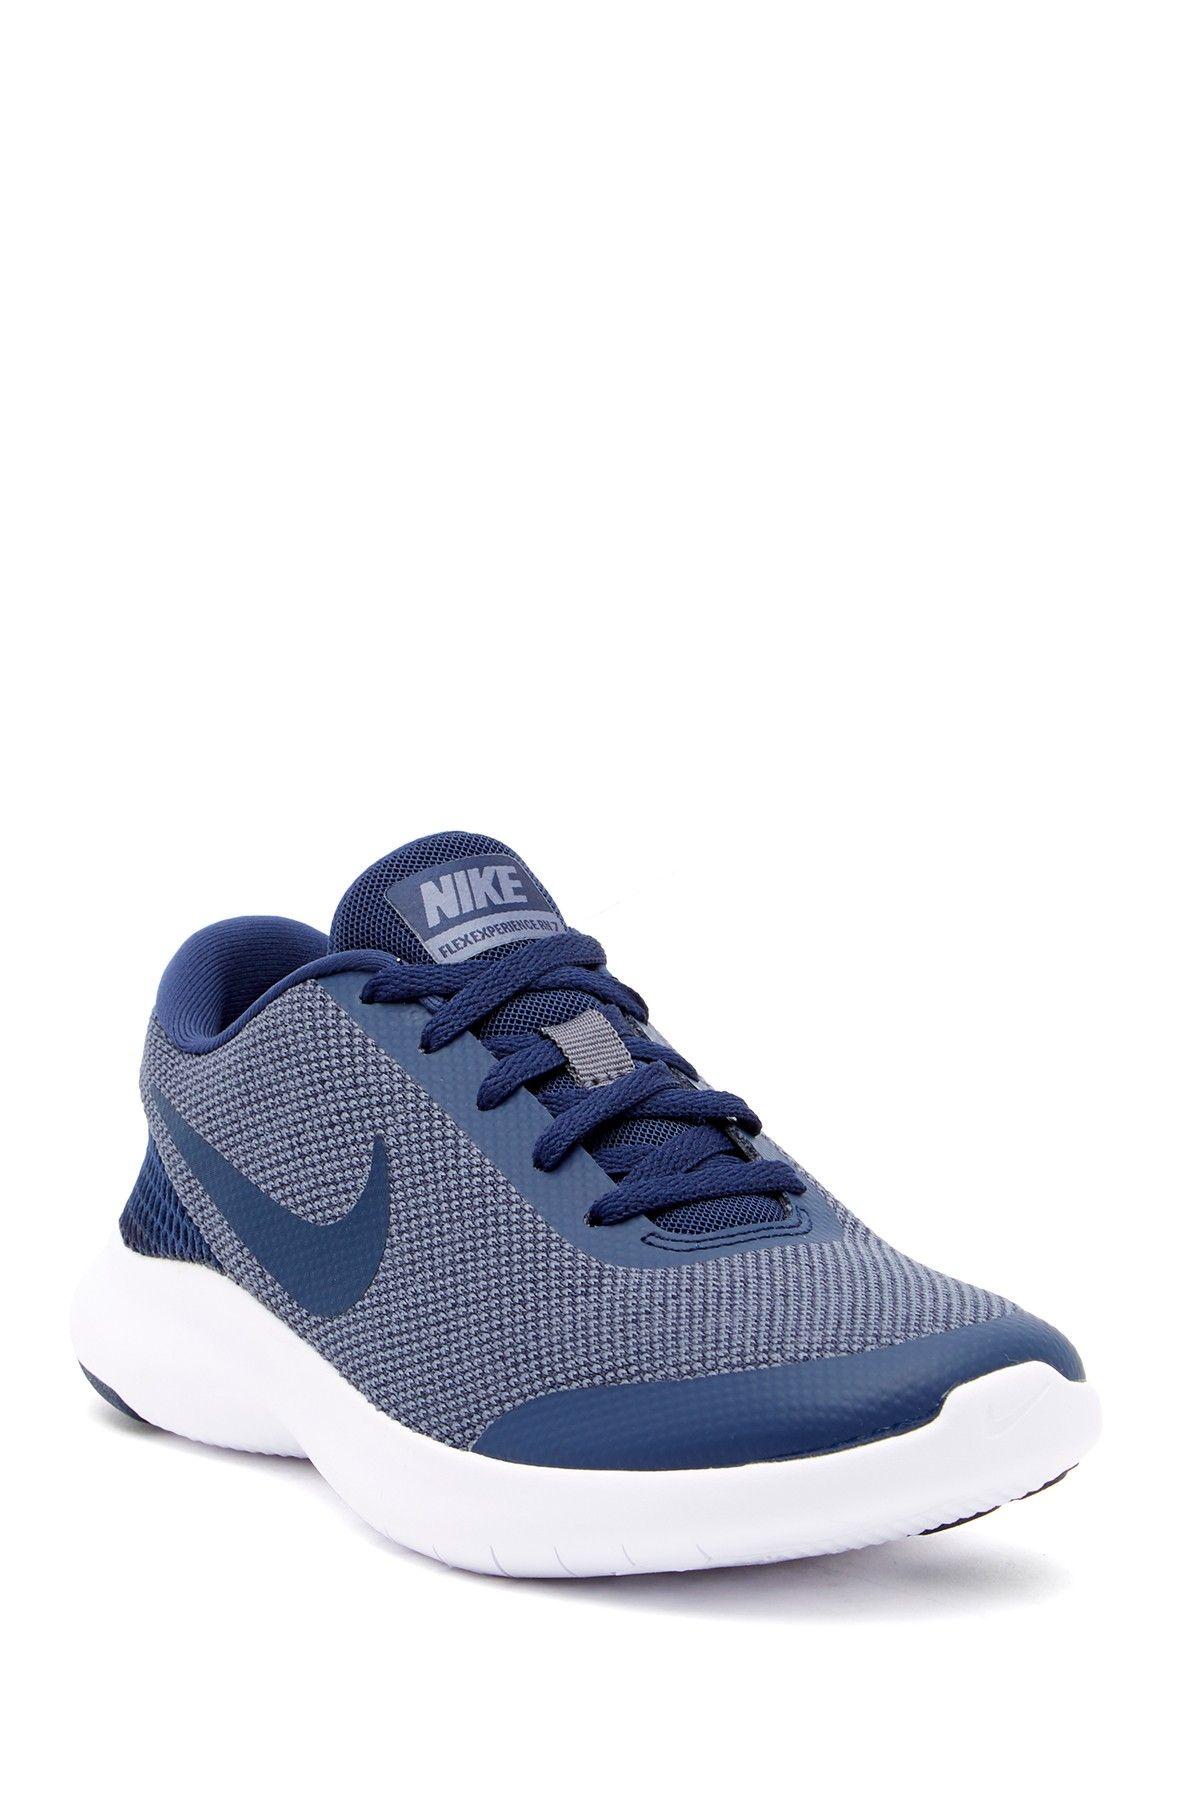 2155d2217a4 Flex Experience RN 7 Sneaker